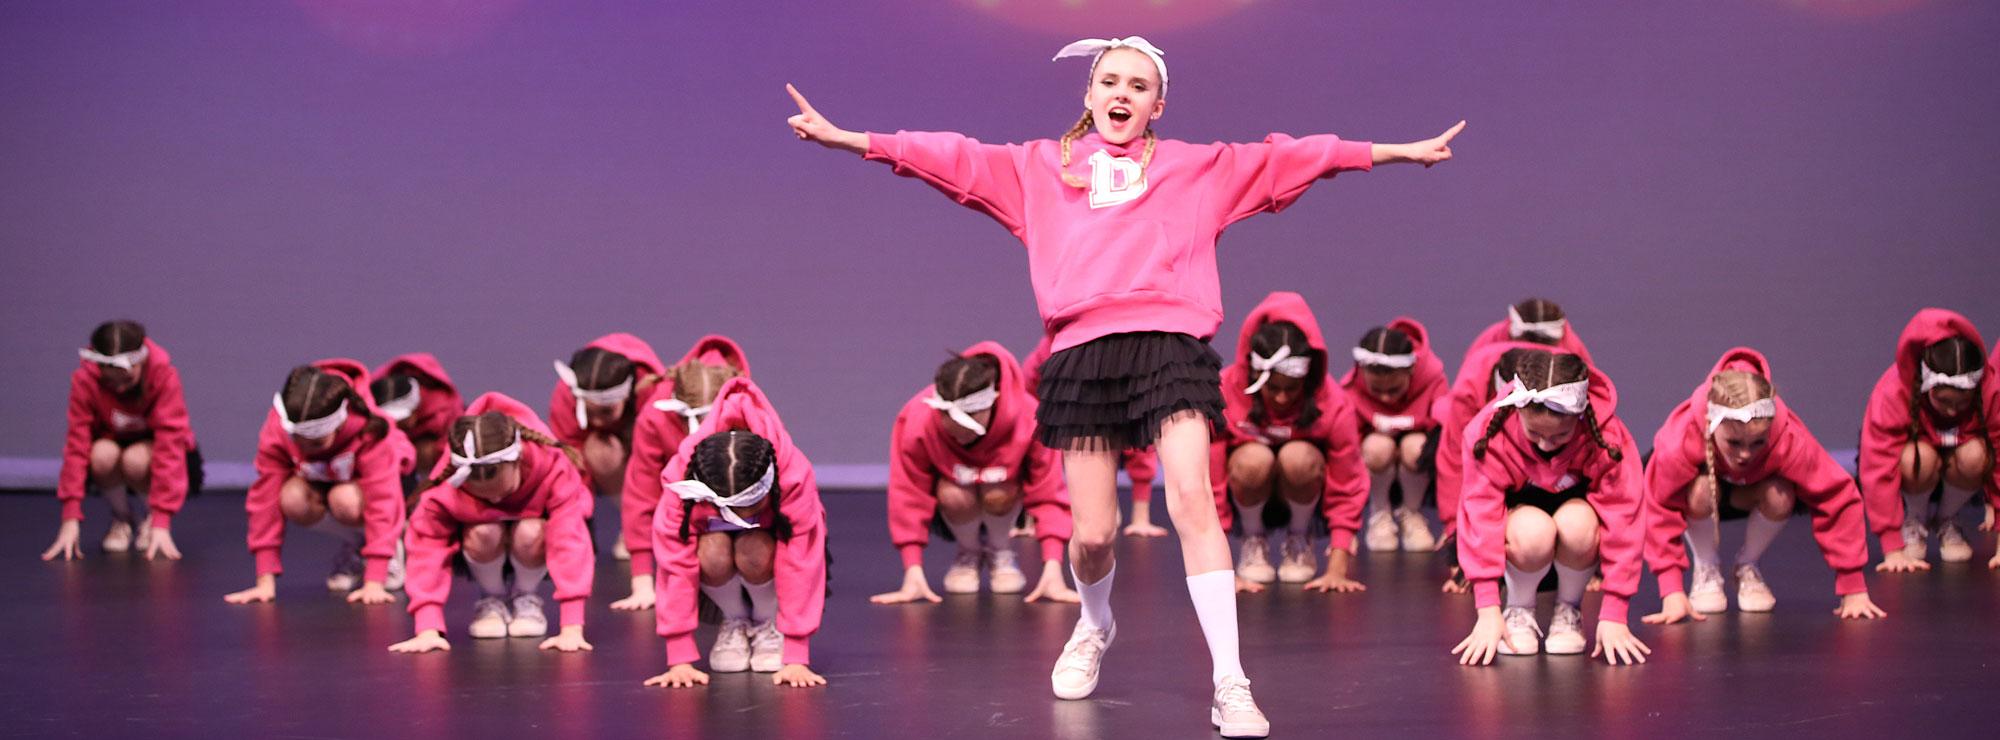 Port Moody School of Dance Hip Hop